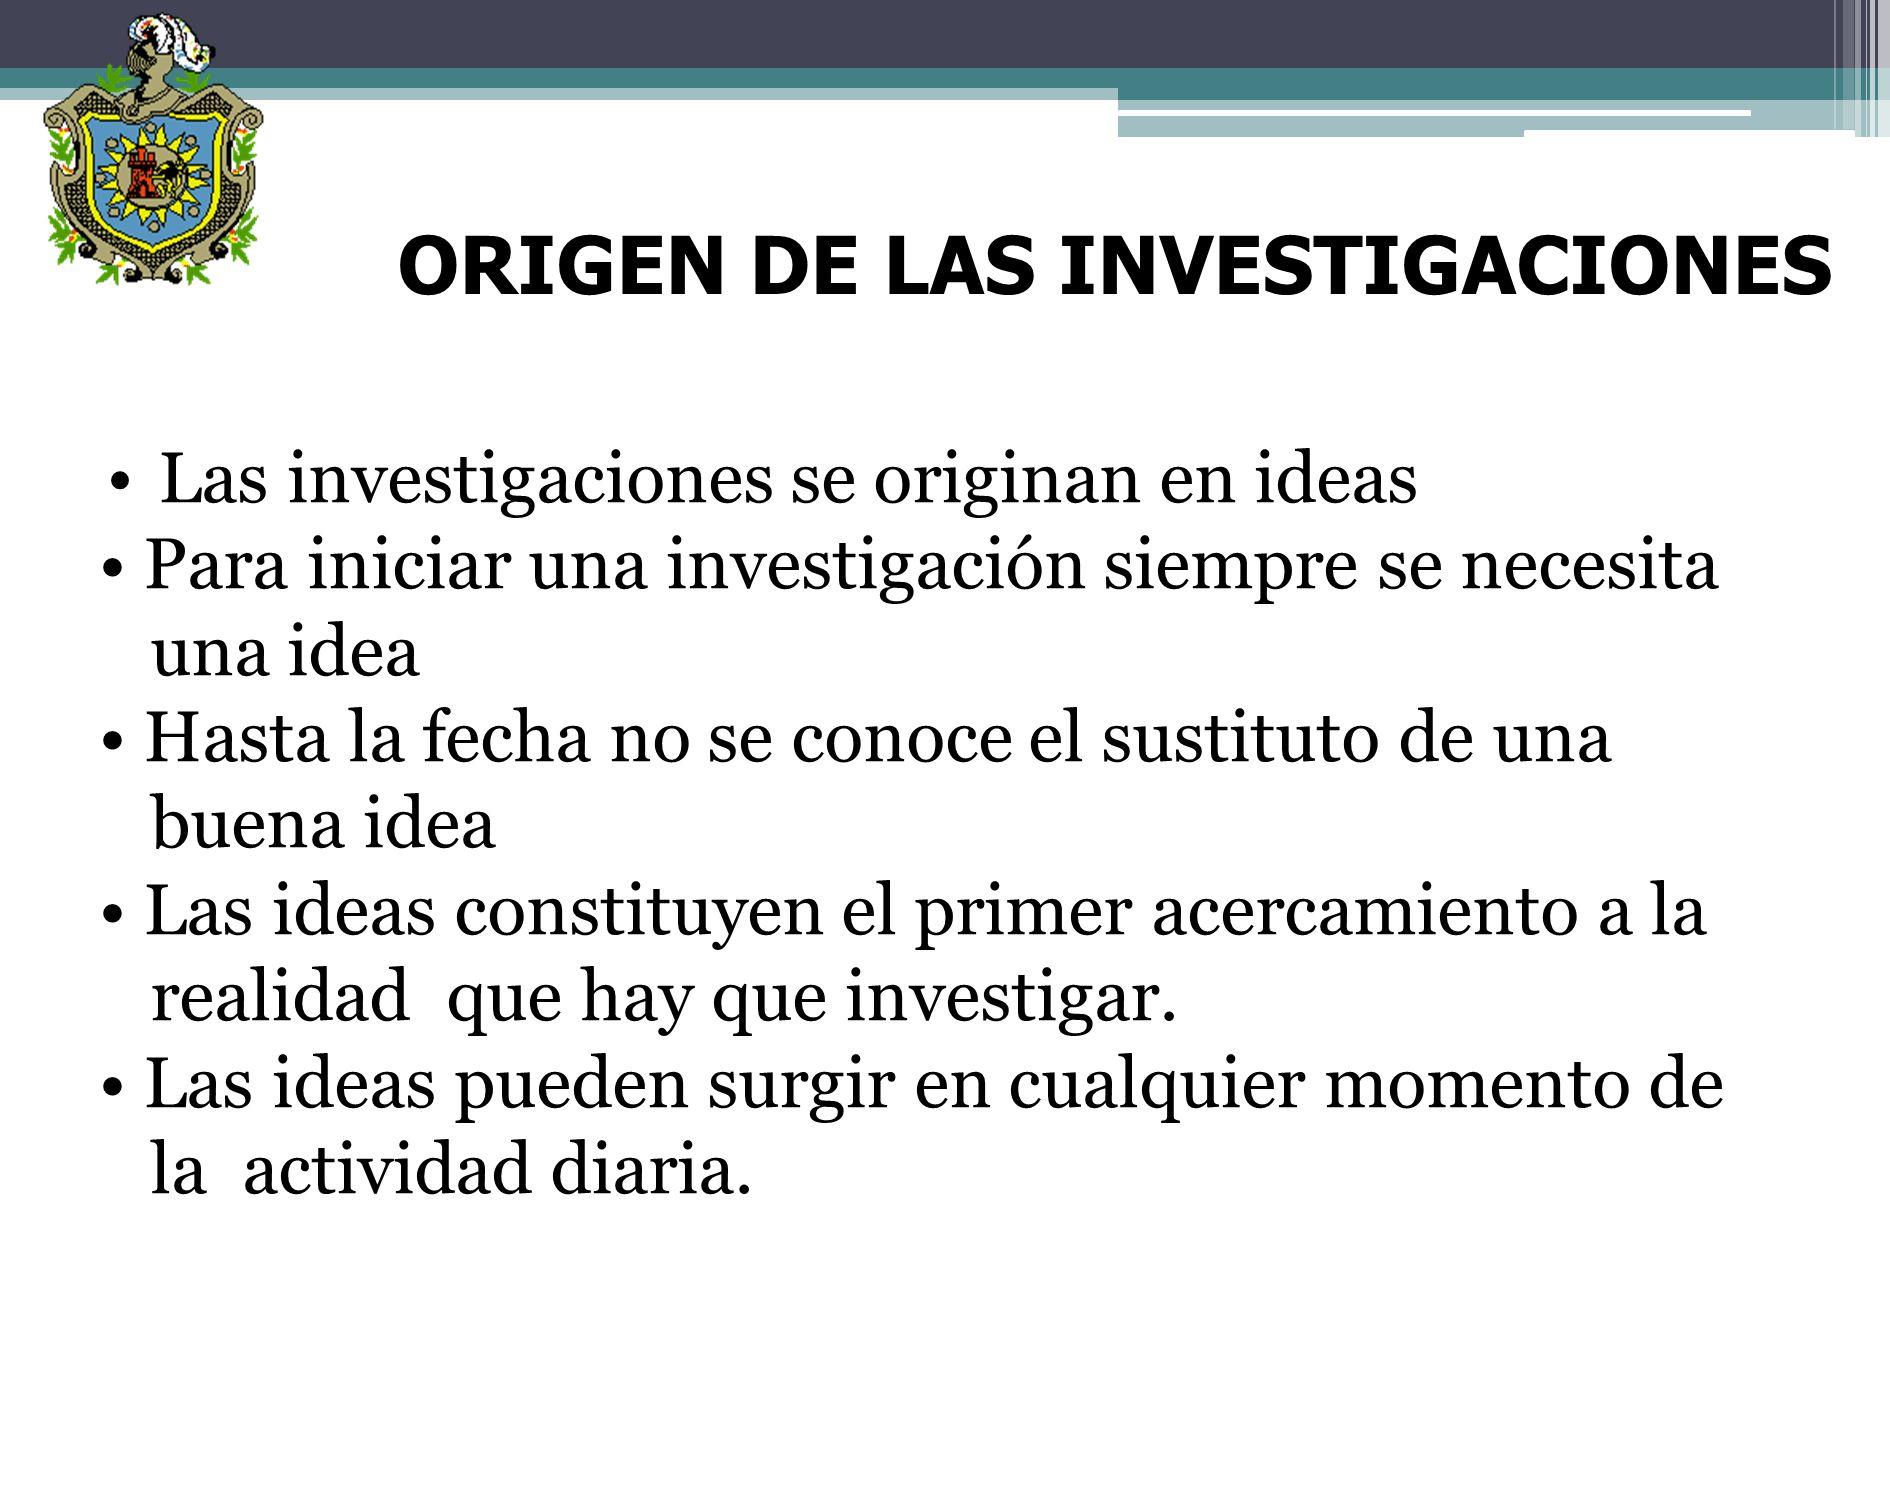 ORIGEN DE LAS INVESTIGACIONES